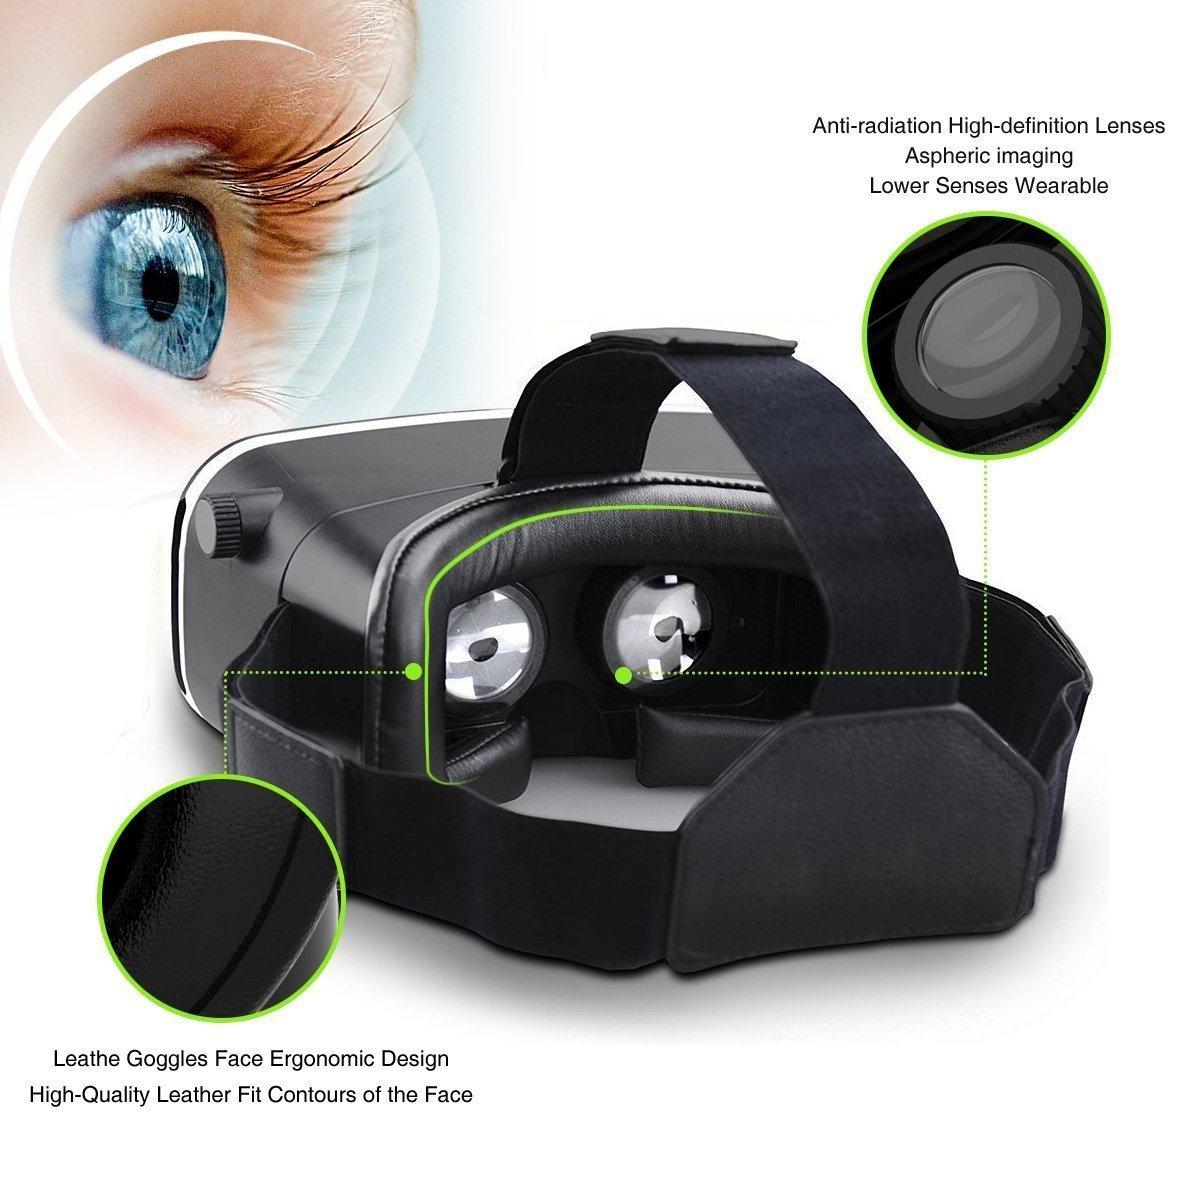 3D VR Gafas,3D VR Casco Realidad Virtual Ajustable 3D y Juegos de V/ídeo Compatible con iPhone 7//6S//6 Plus//6//5S//5 C//5,Samsung Galaxy S5//S6//Note4//Note5,Otros 3.5-6.0 Pulgada Tel/éfonos Inteligentes V01